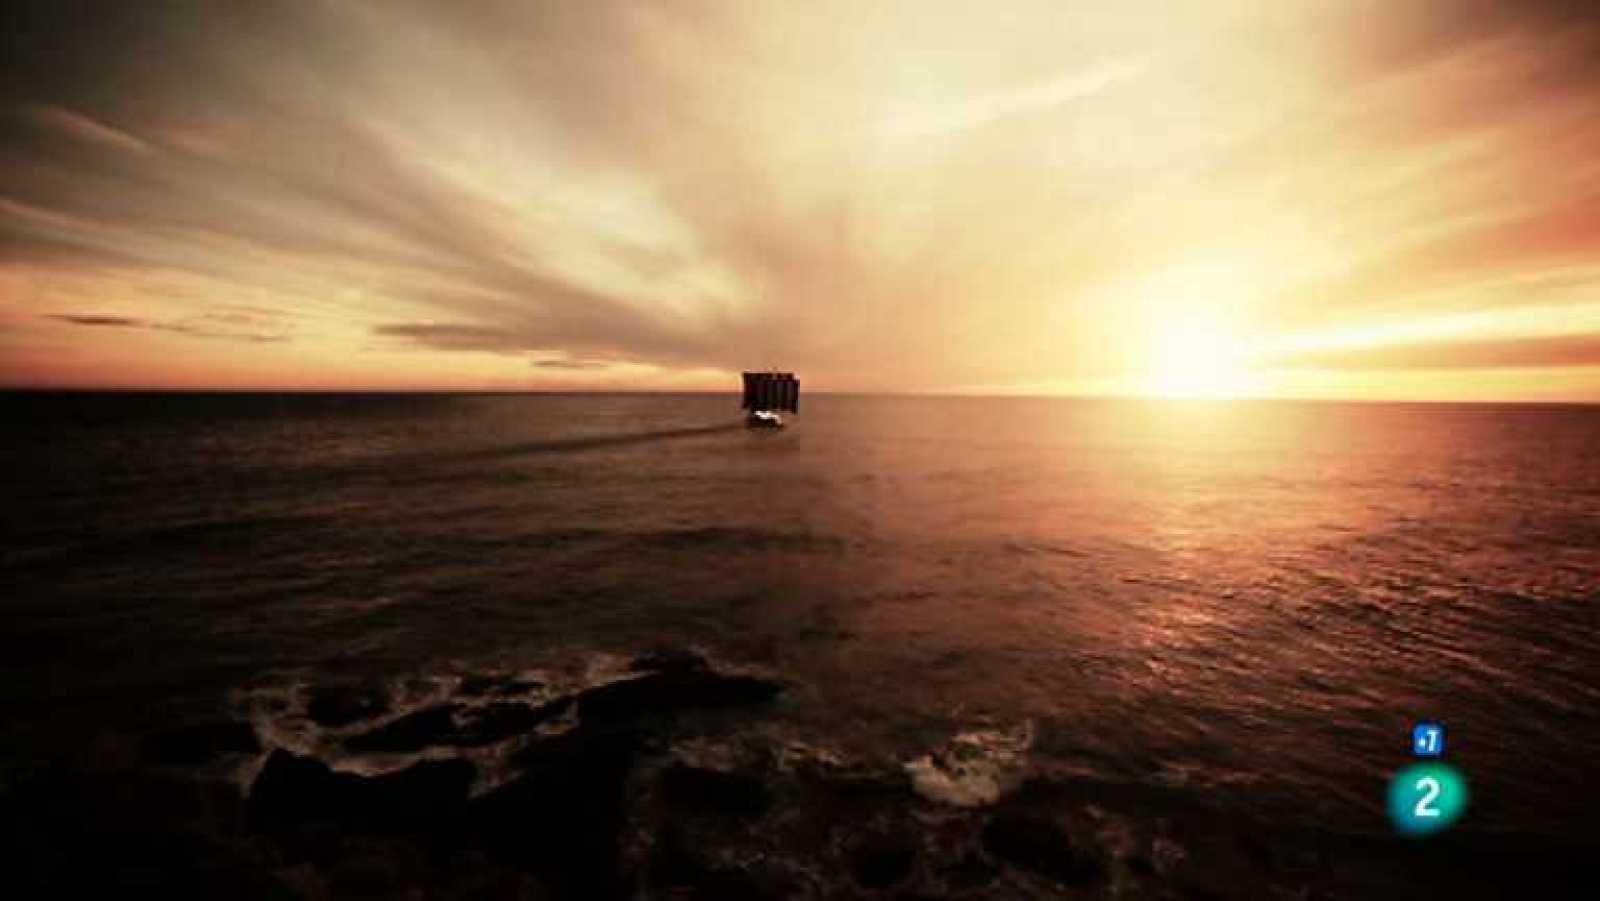 Mitos y leyendas - Ulises (Odiseo) - Ver ahora